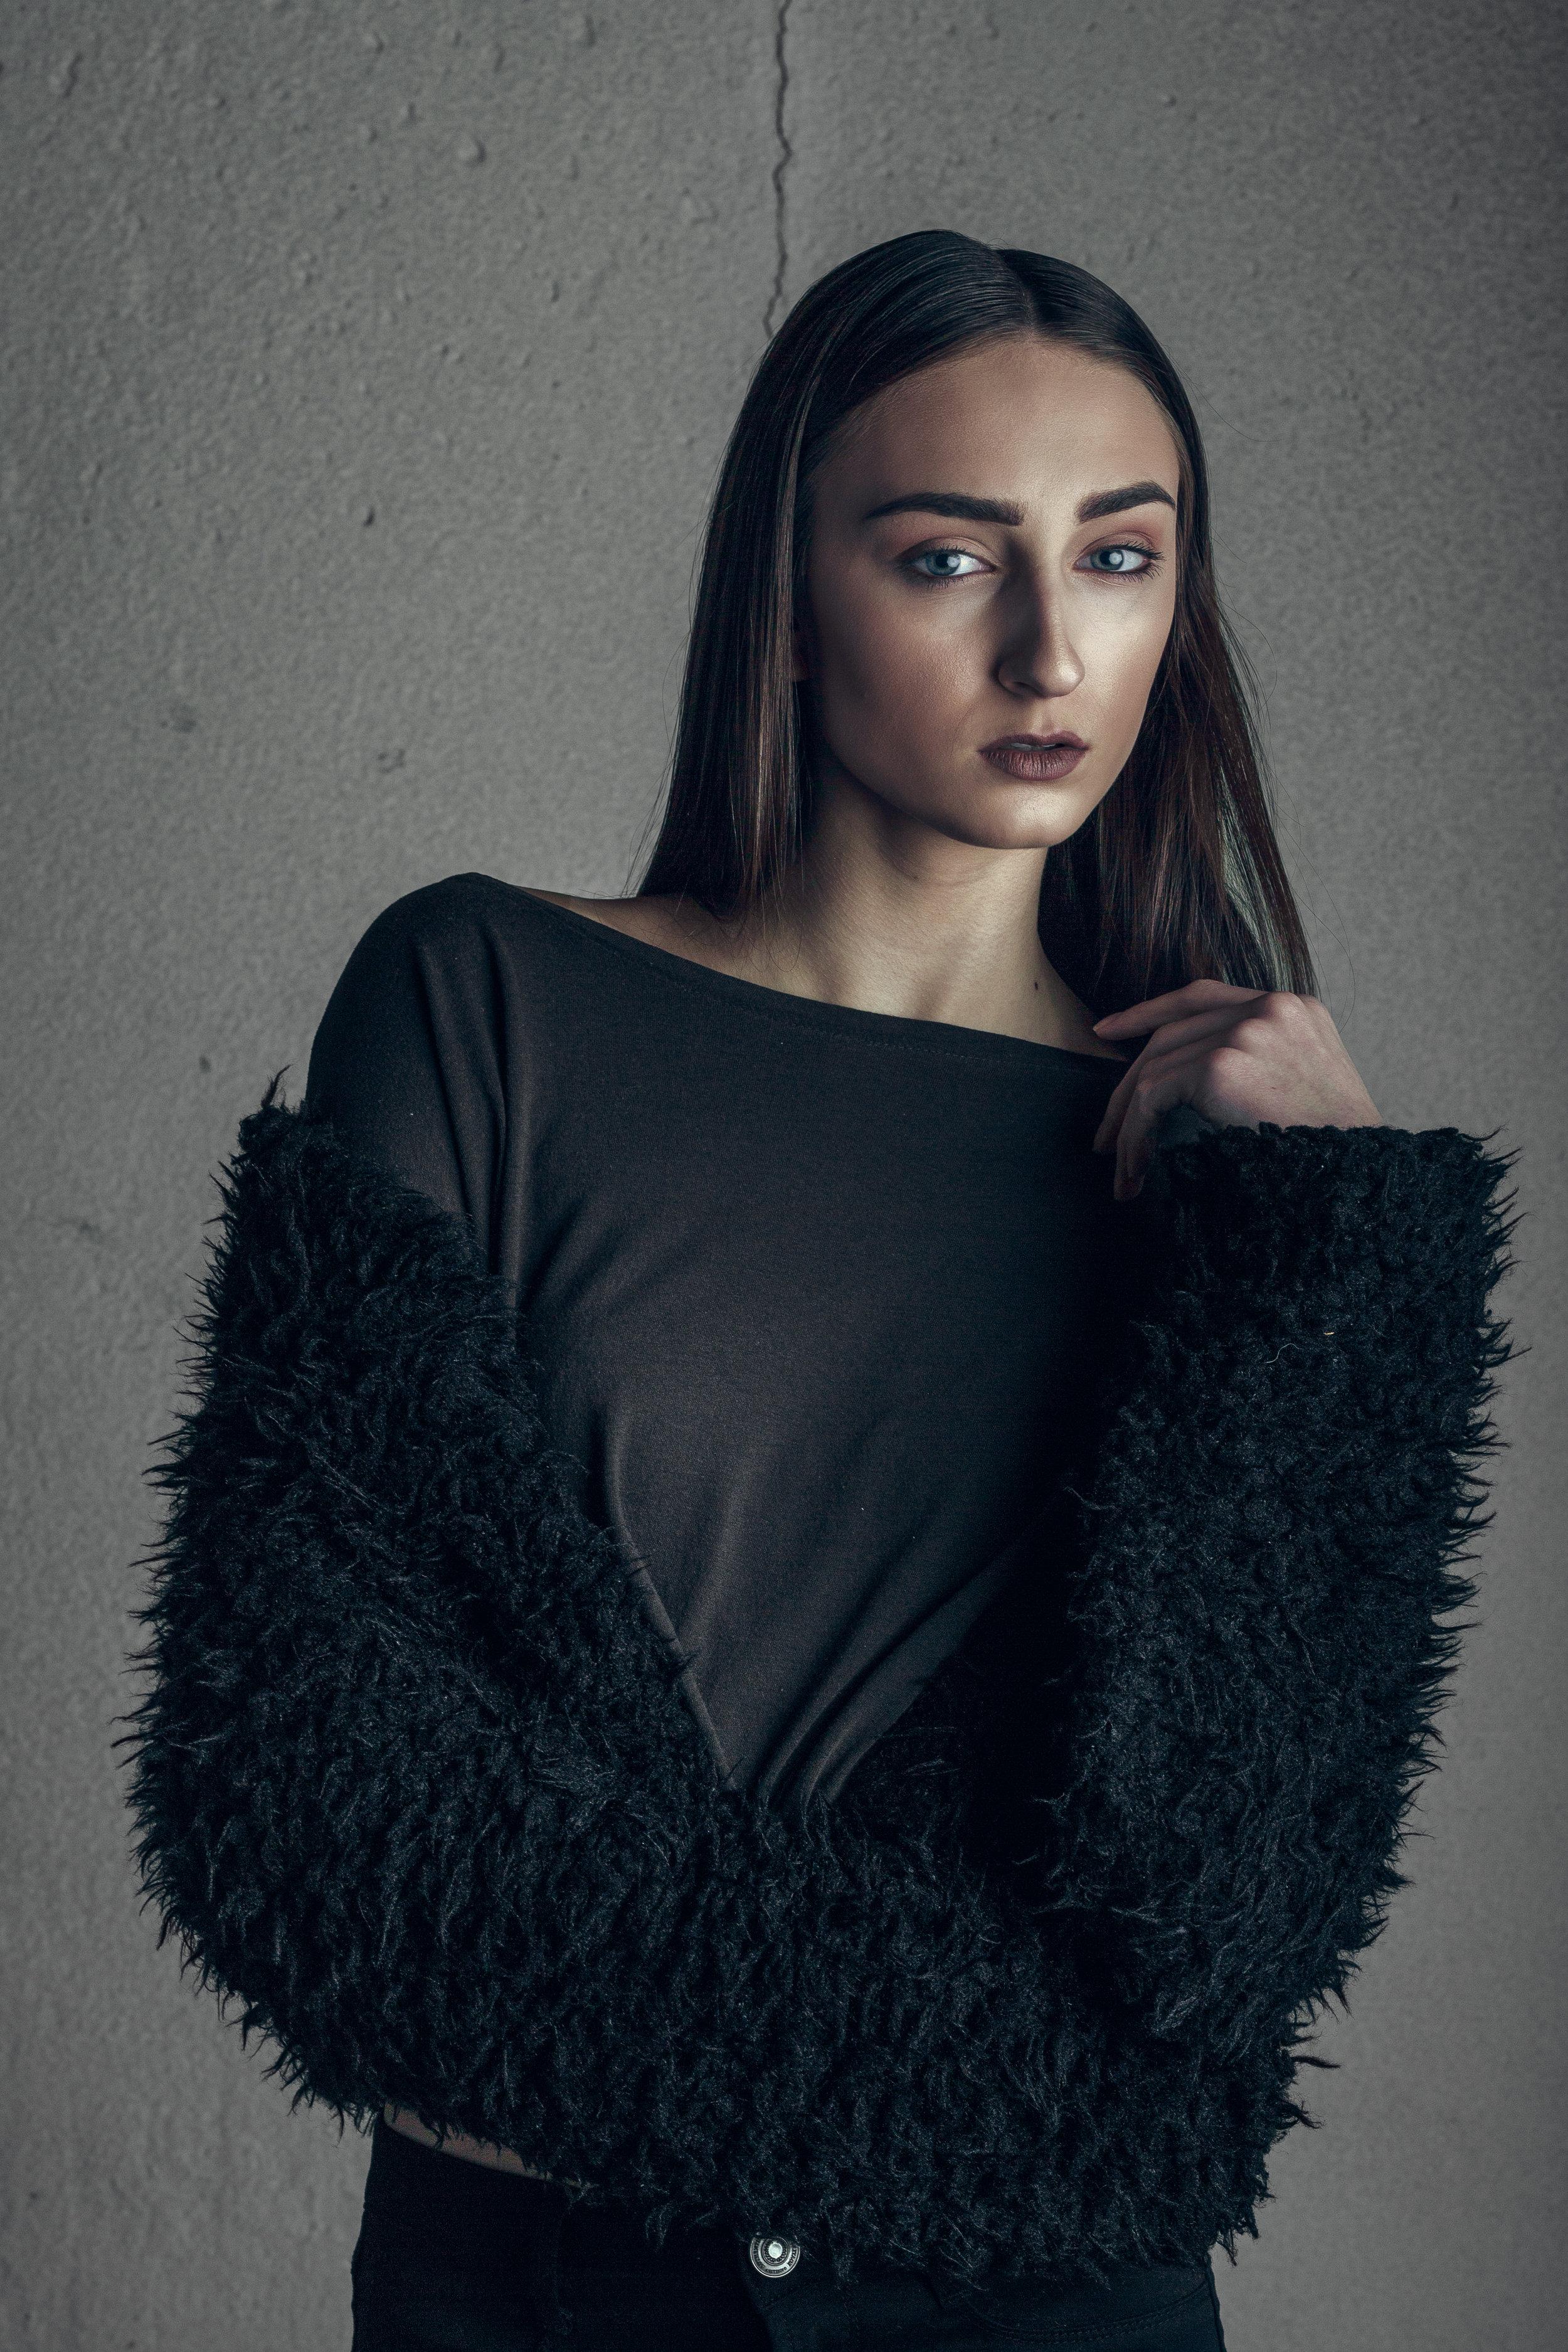 Jenna High Fashion Portrait